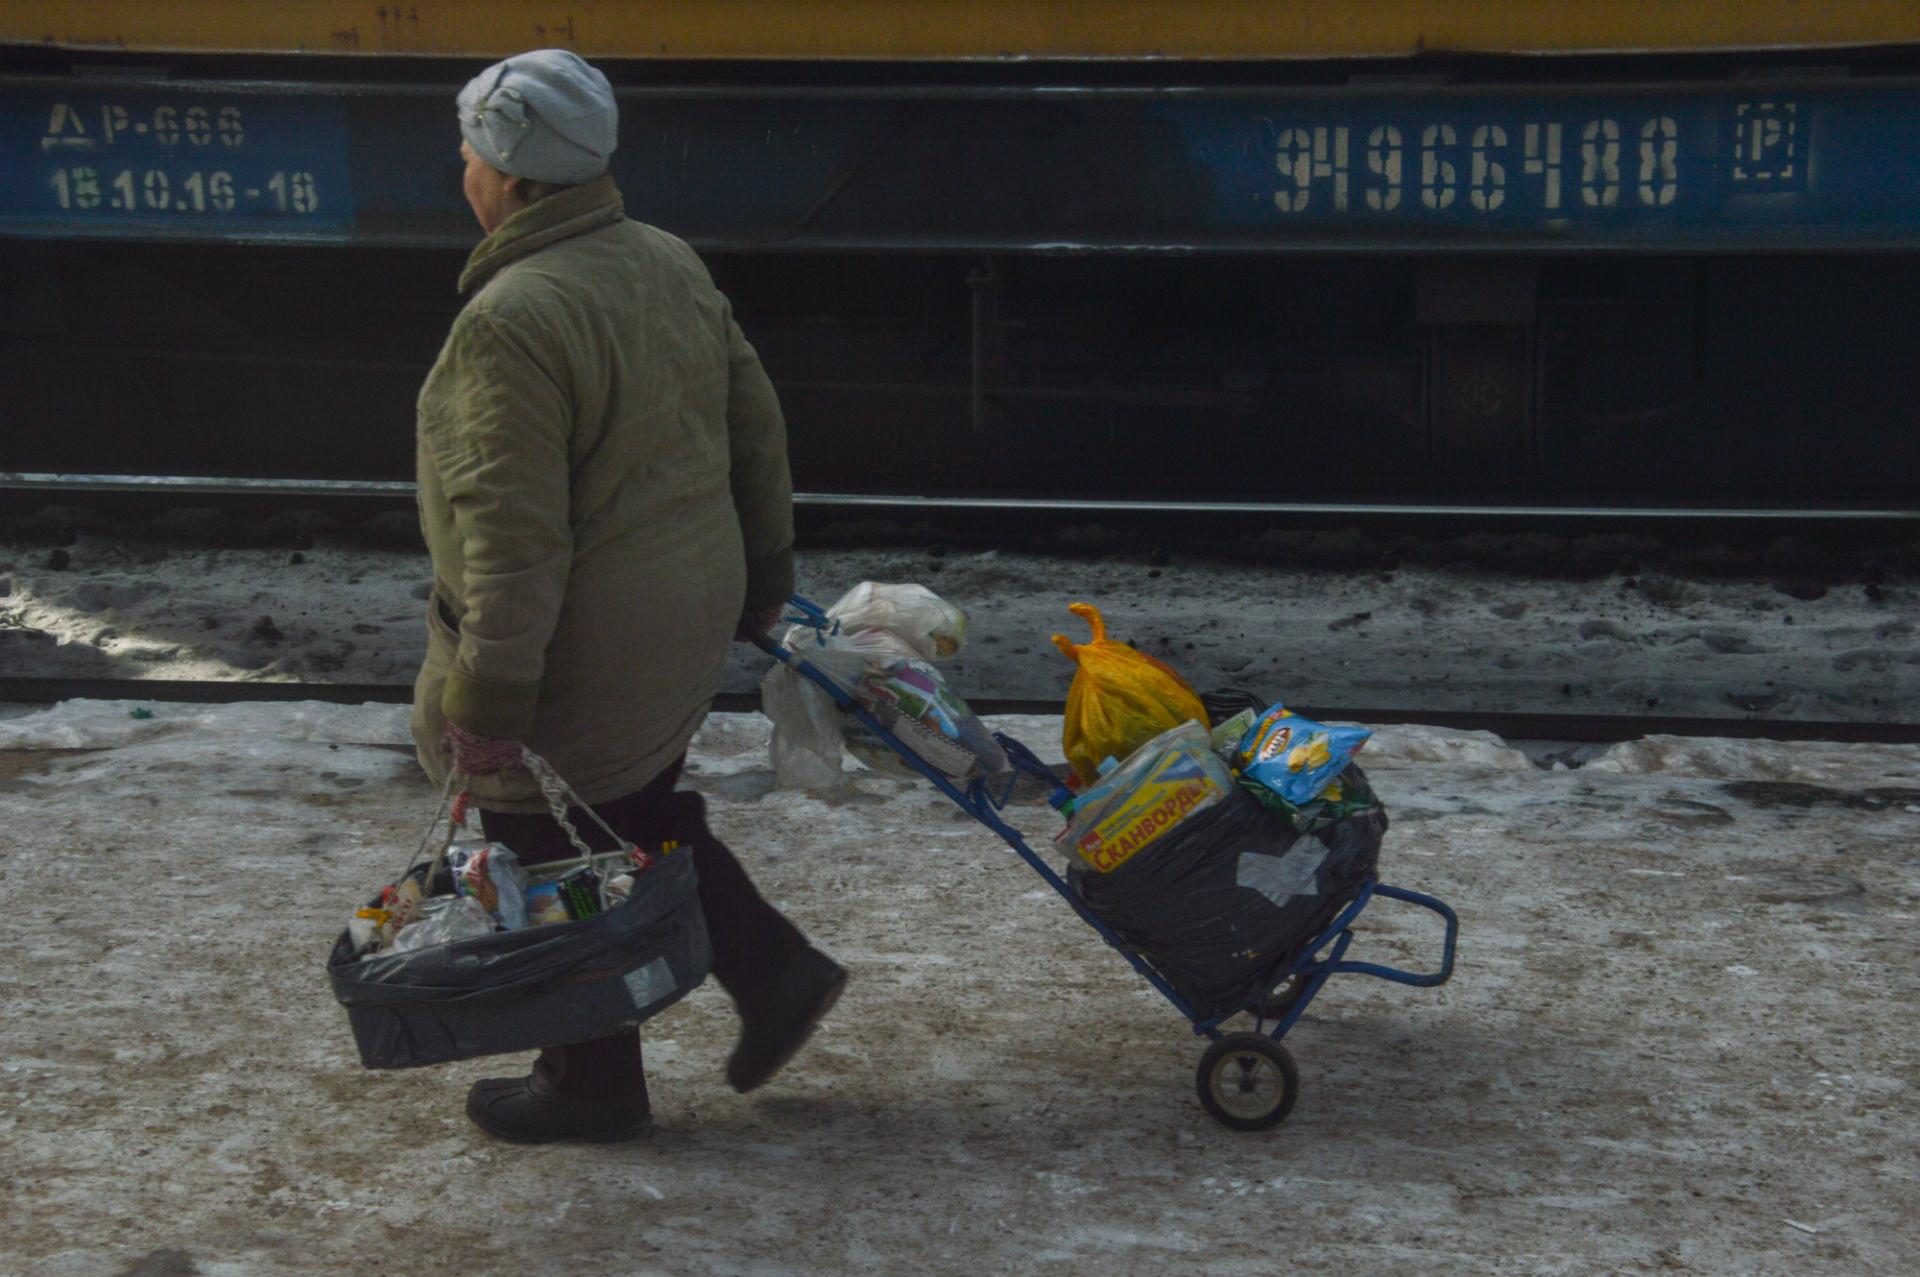 Les babouchkas se rendent certainement à la gare à l'arrivée de chaque train important, pour vendre leur production.